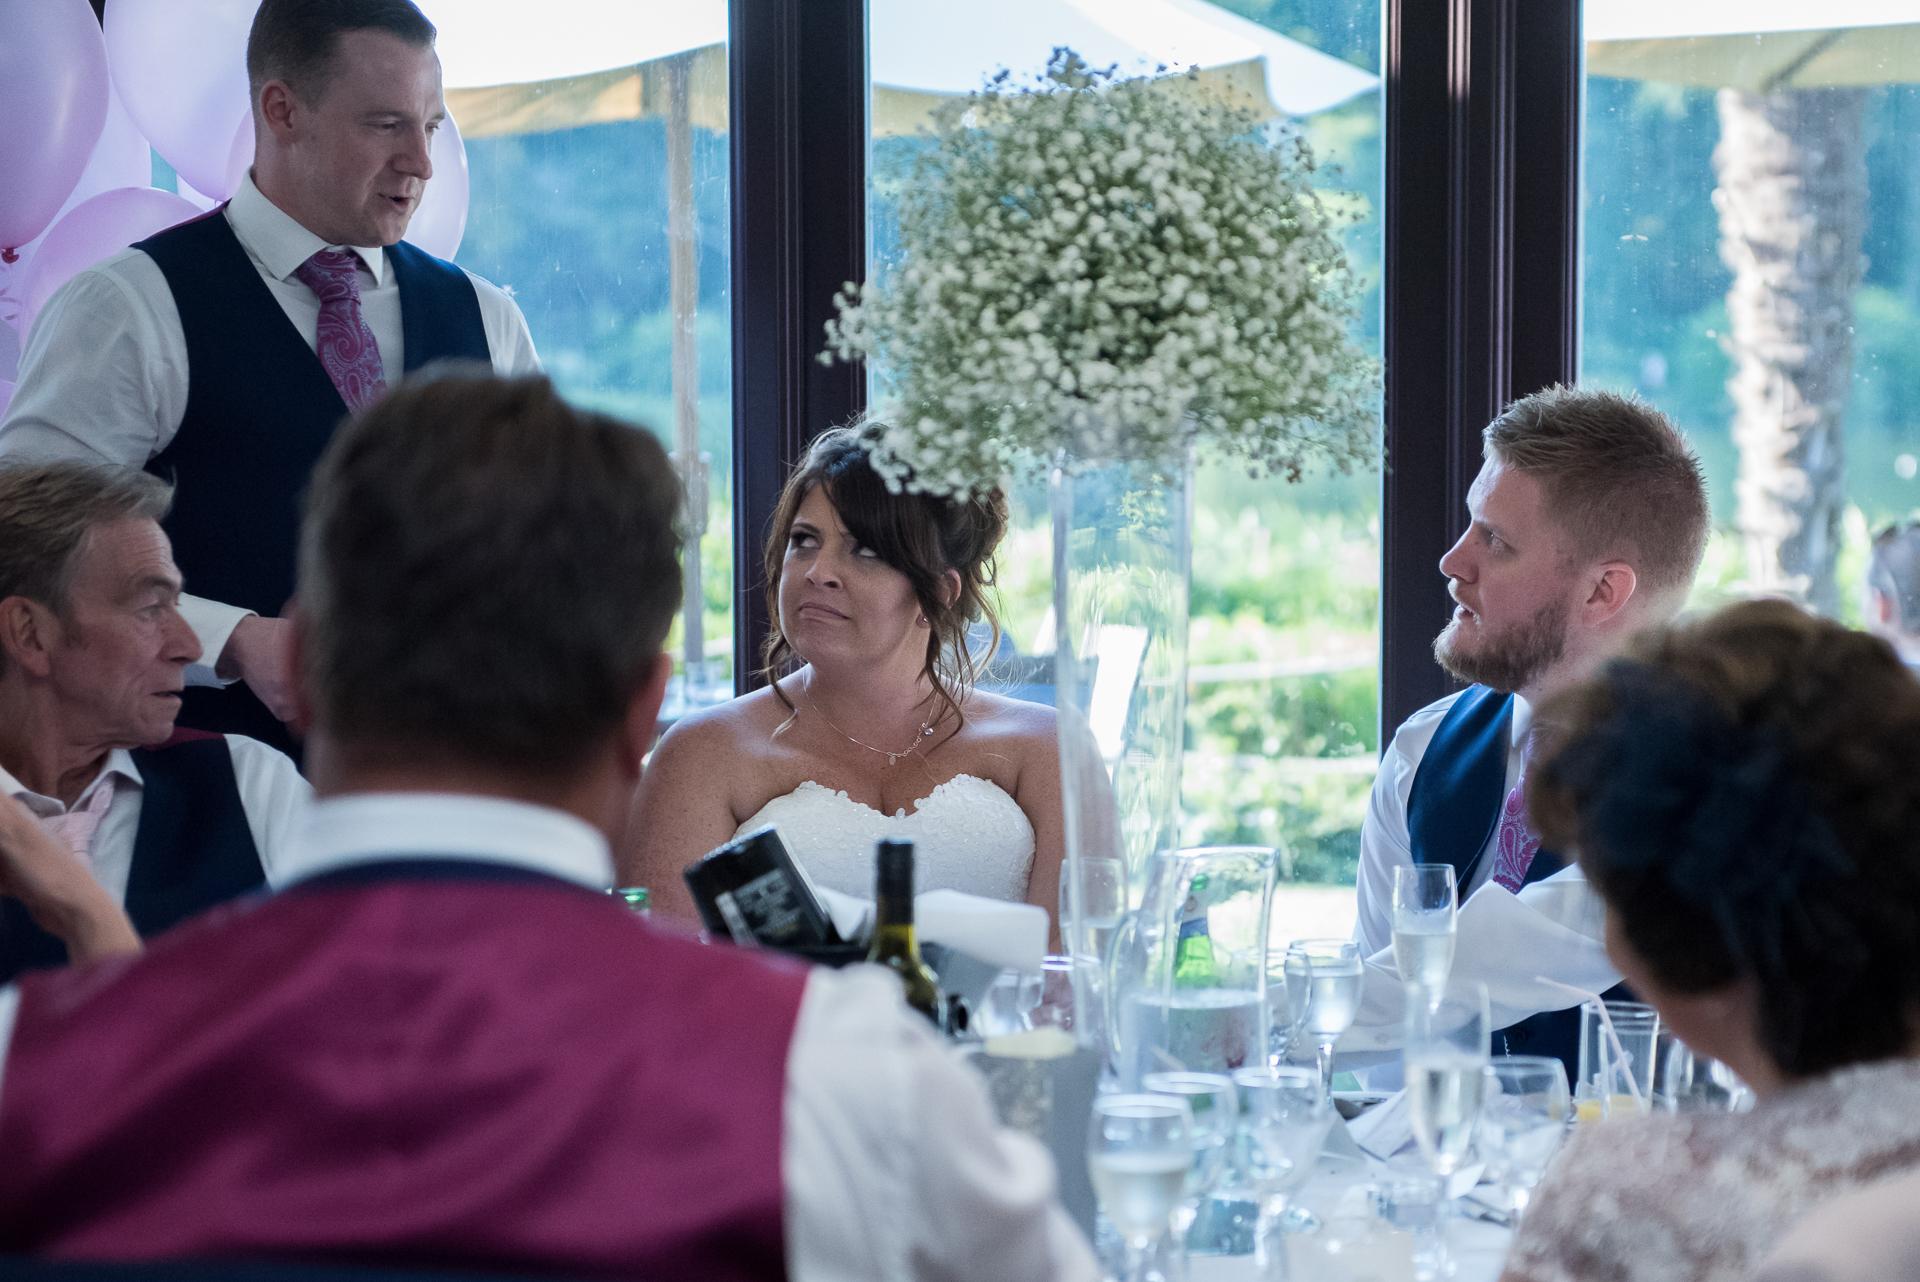 Frensham-Pond-Hotel-wedding_65.JPG